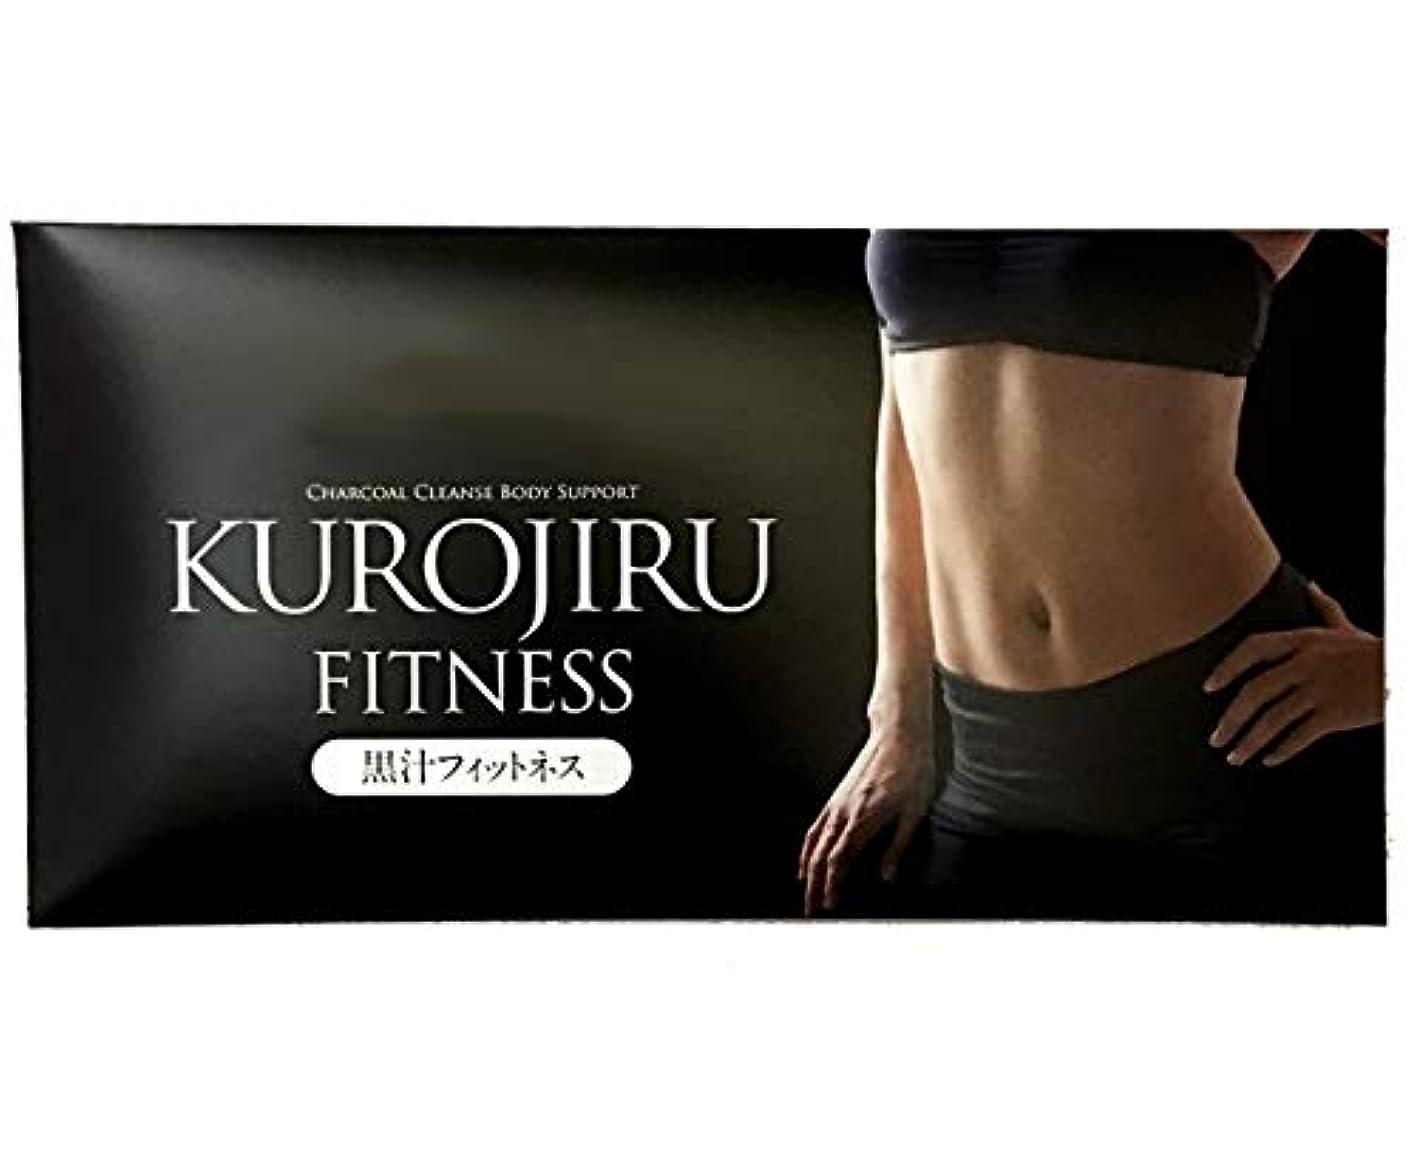 後方望み社会黒汁フィットネス(KUROJIRU FITNESS) 30包 チャコールクレンズ 赤松活性炭 オリゴ糖 サラシアエキス 酵素